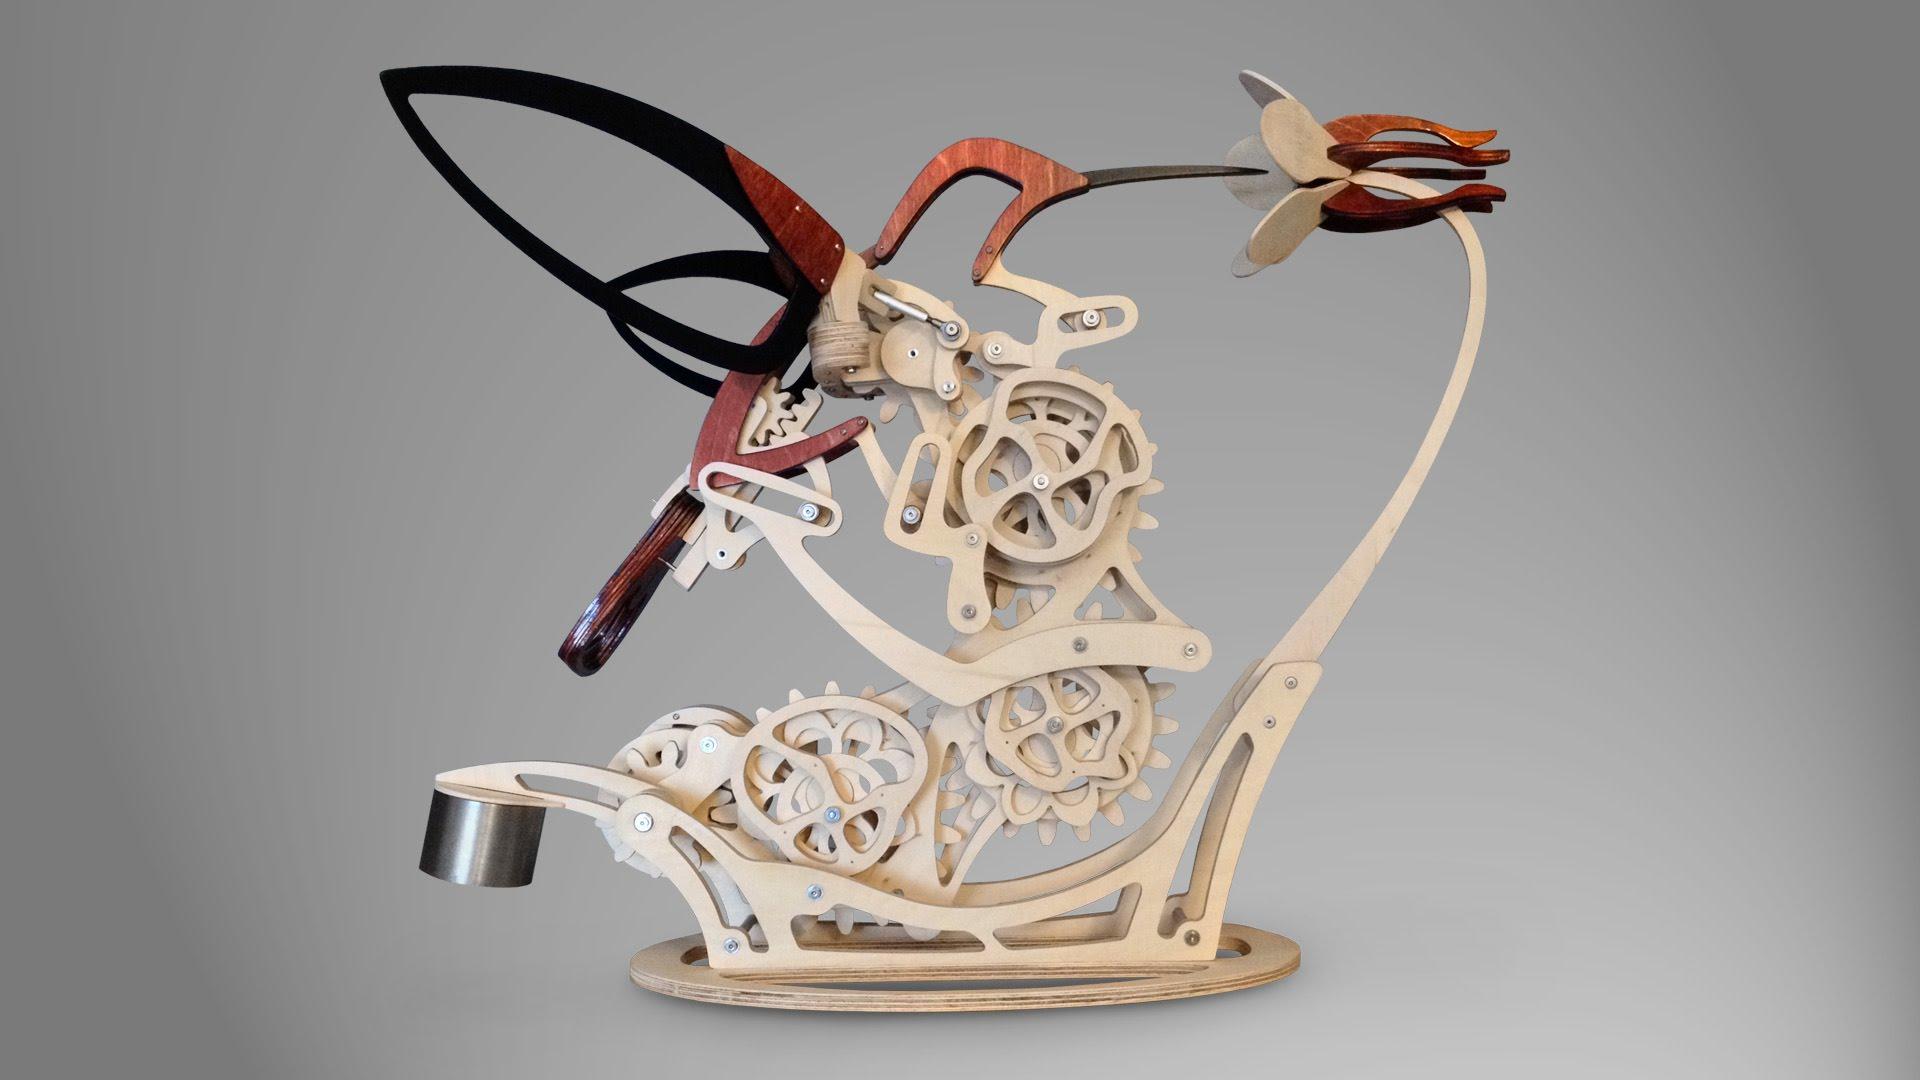 Кинетическая скульптура Дерека Хаггера, которая имитирует полет колибри